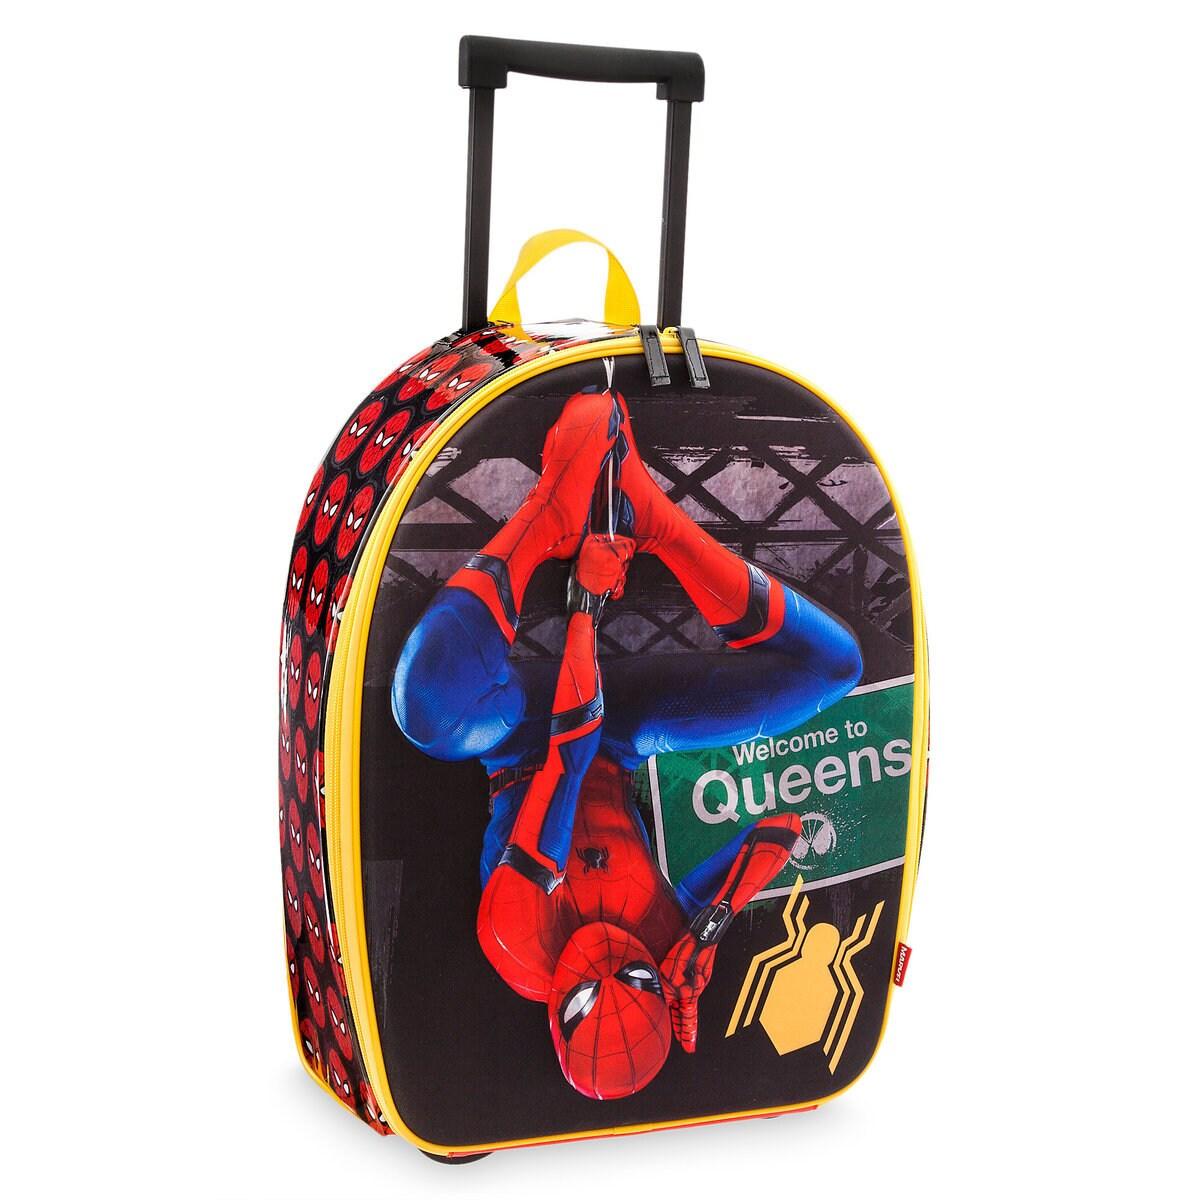 Spider-Man Rolling Luggage | shopDisney